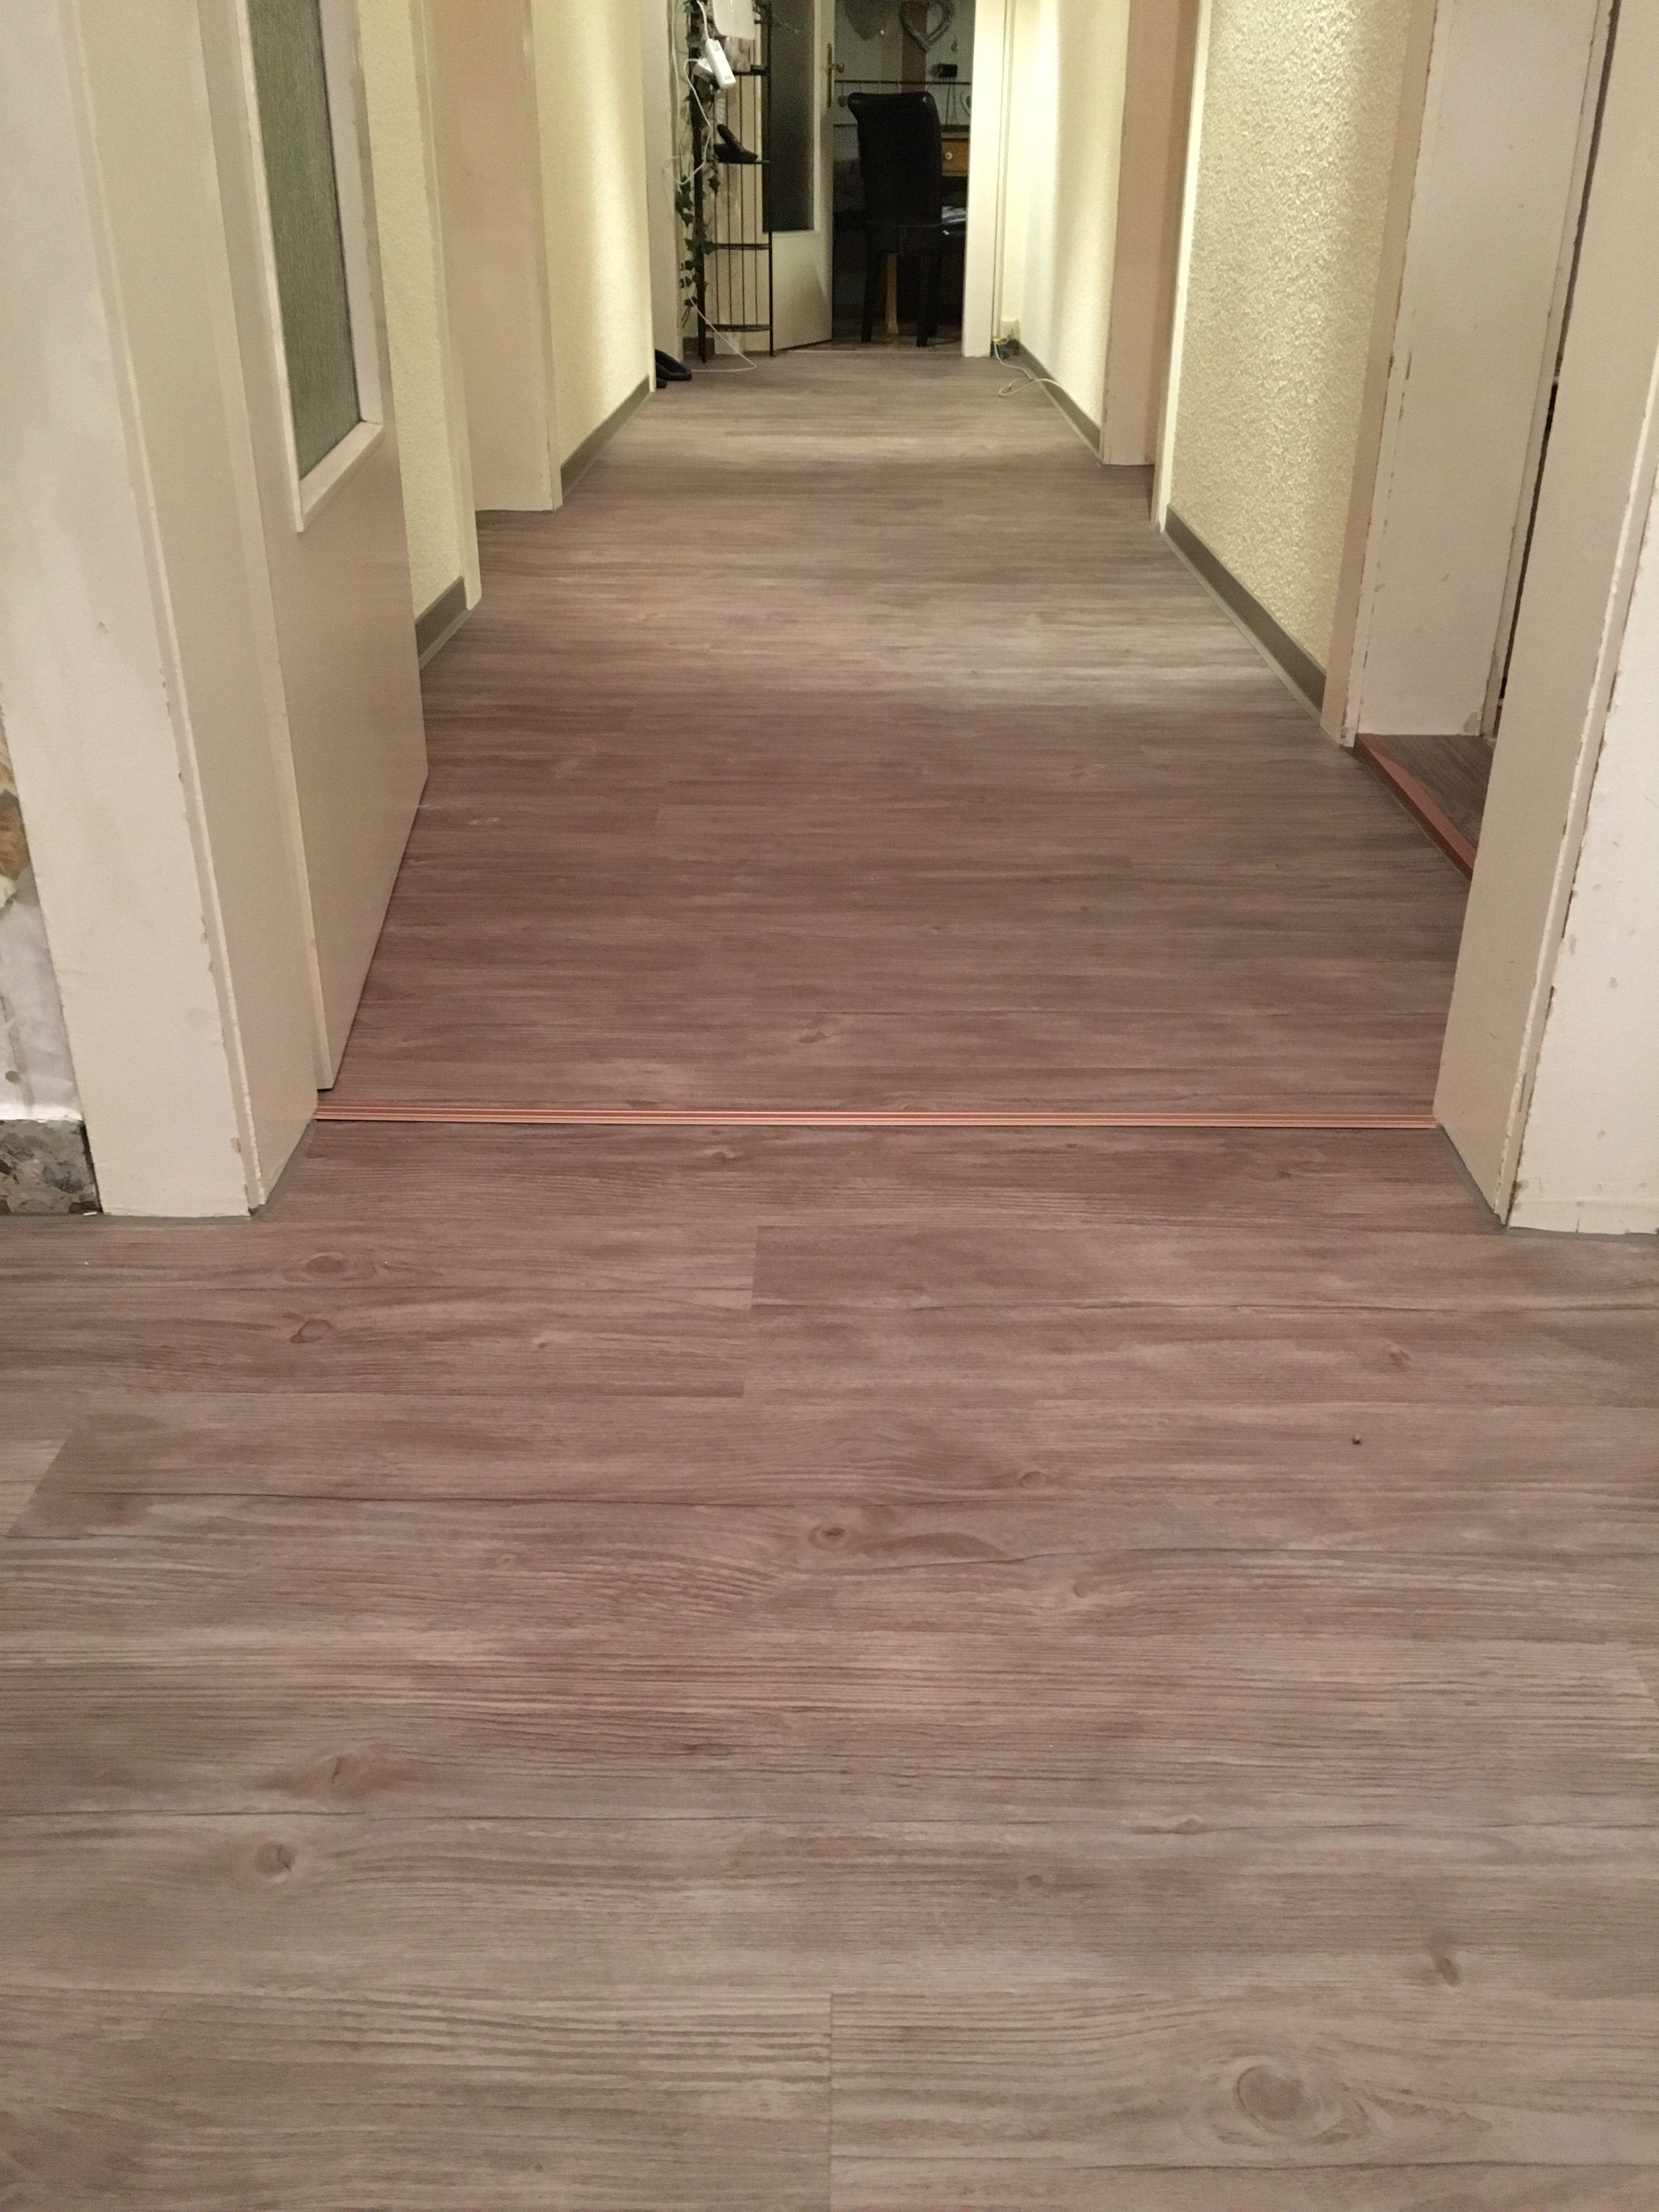 Bekannt Bodenbeläge: Vinylboden, Teppichboden, Parkett & mehr HQ16